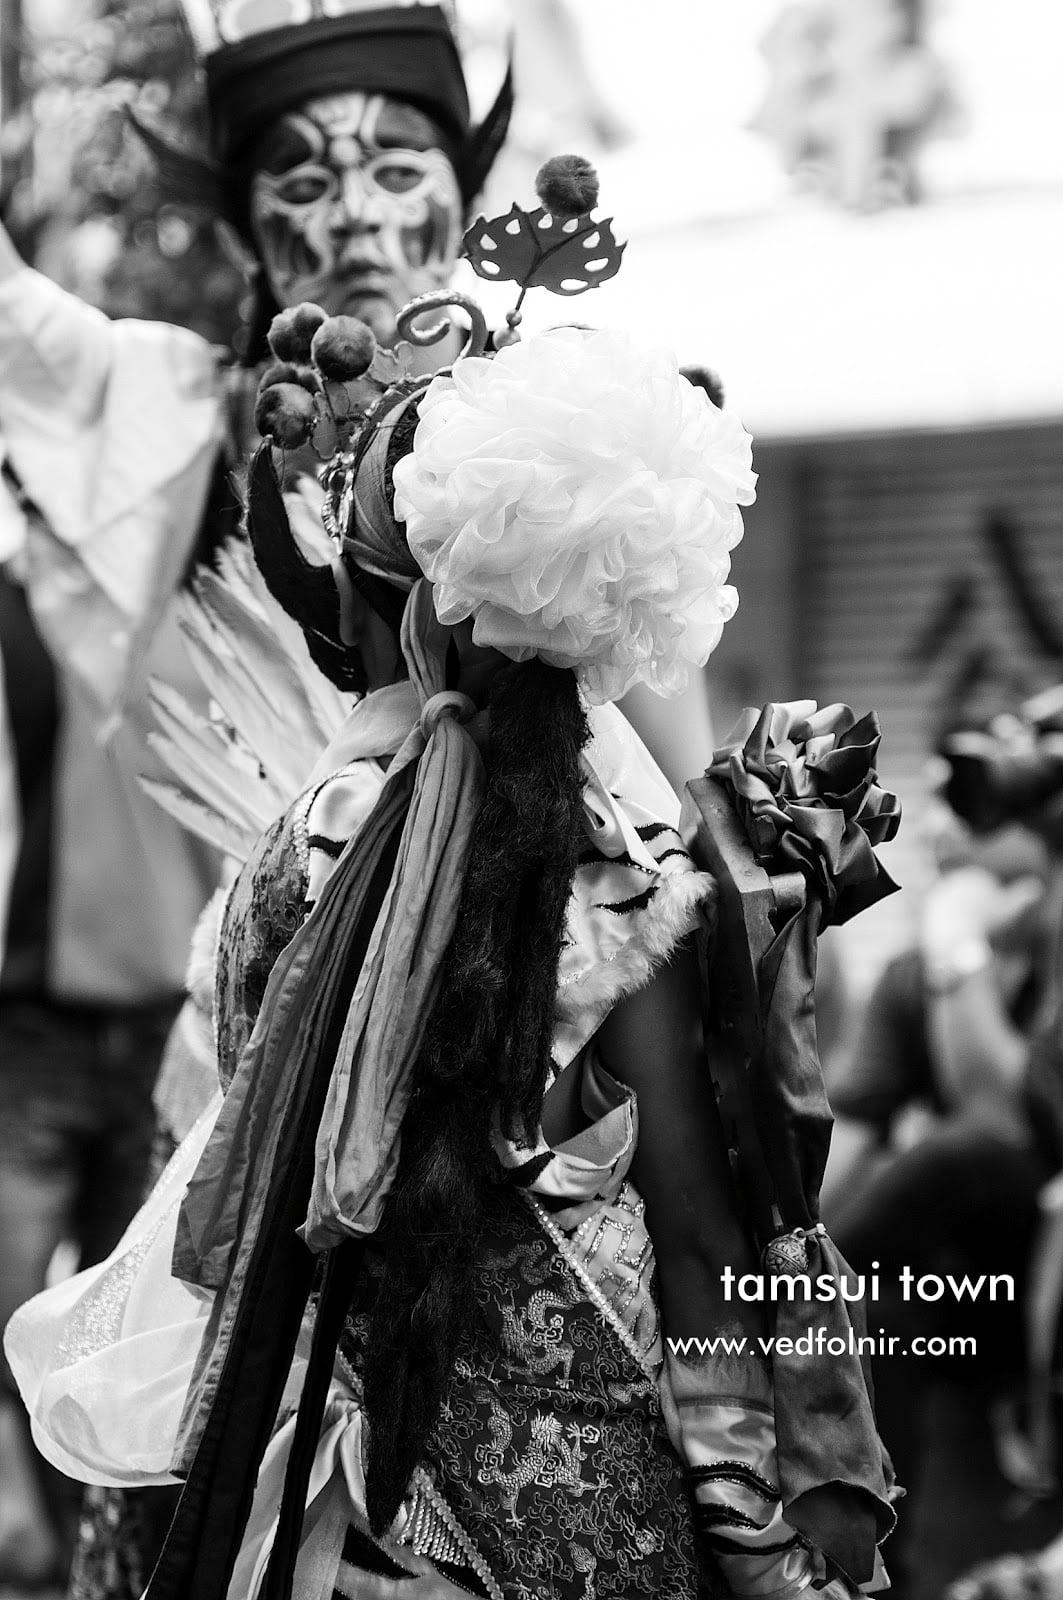 淡水-端午繞境-Tamsui-culture_child-vedfolnir